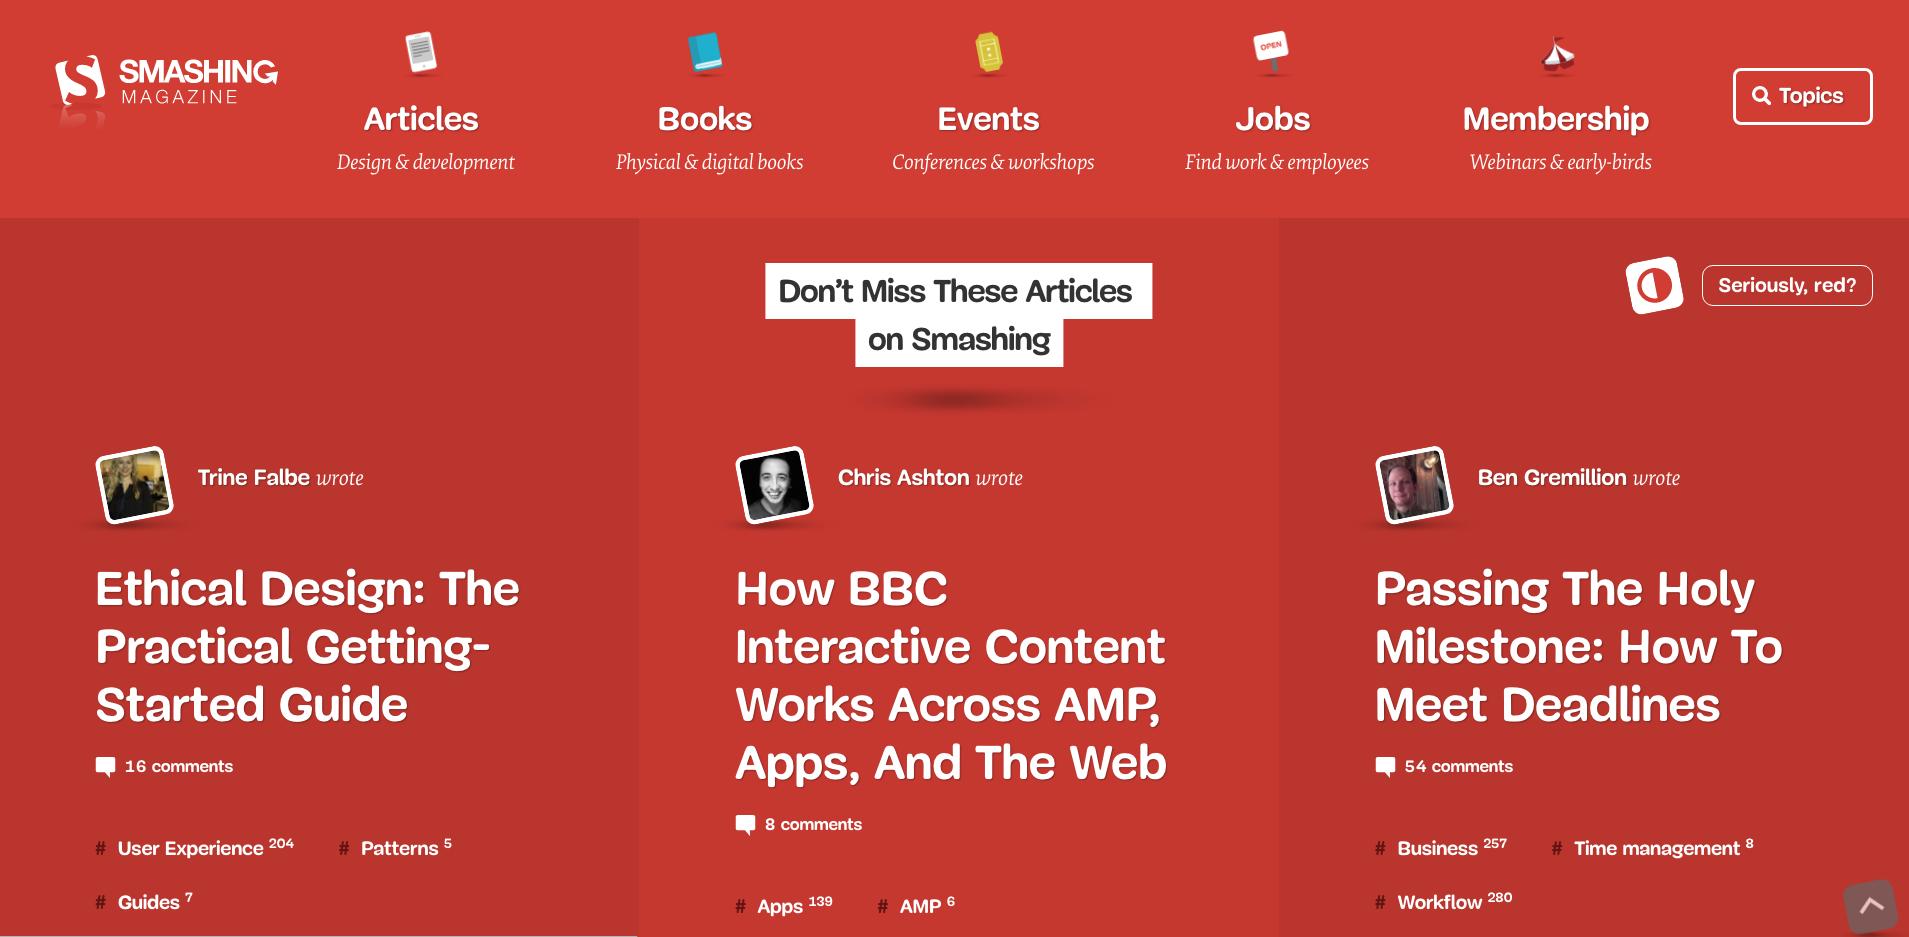 minimegaprint-migliori-siti-grafica-design-smashing-magazine